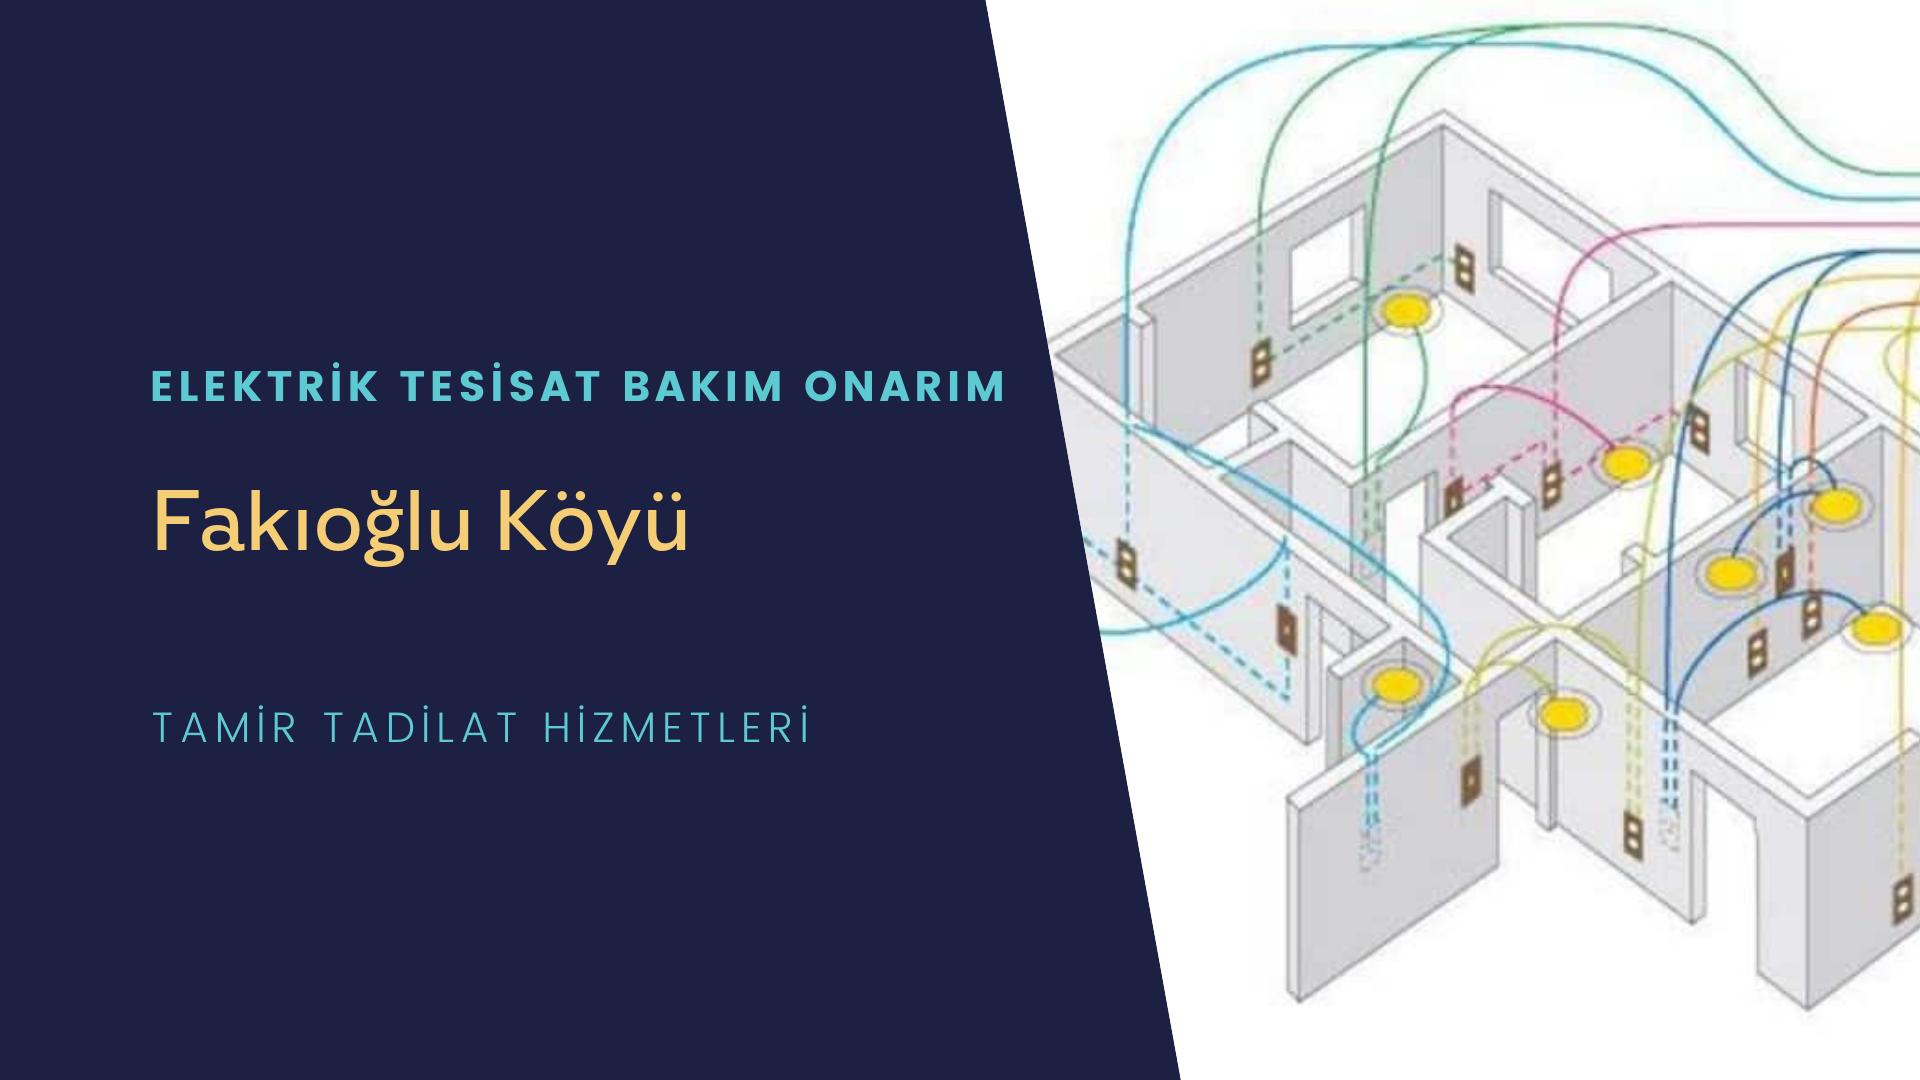 Fakıoğlu Köyü  elektrik tesisatıustalarımı arıyorsunuz doğru adrestenizi Fakıoğlu Köyü elektrik tesisatı ustalarımız 7/24 sizlere hizmet vermekten mutluluk duyar.